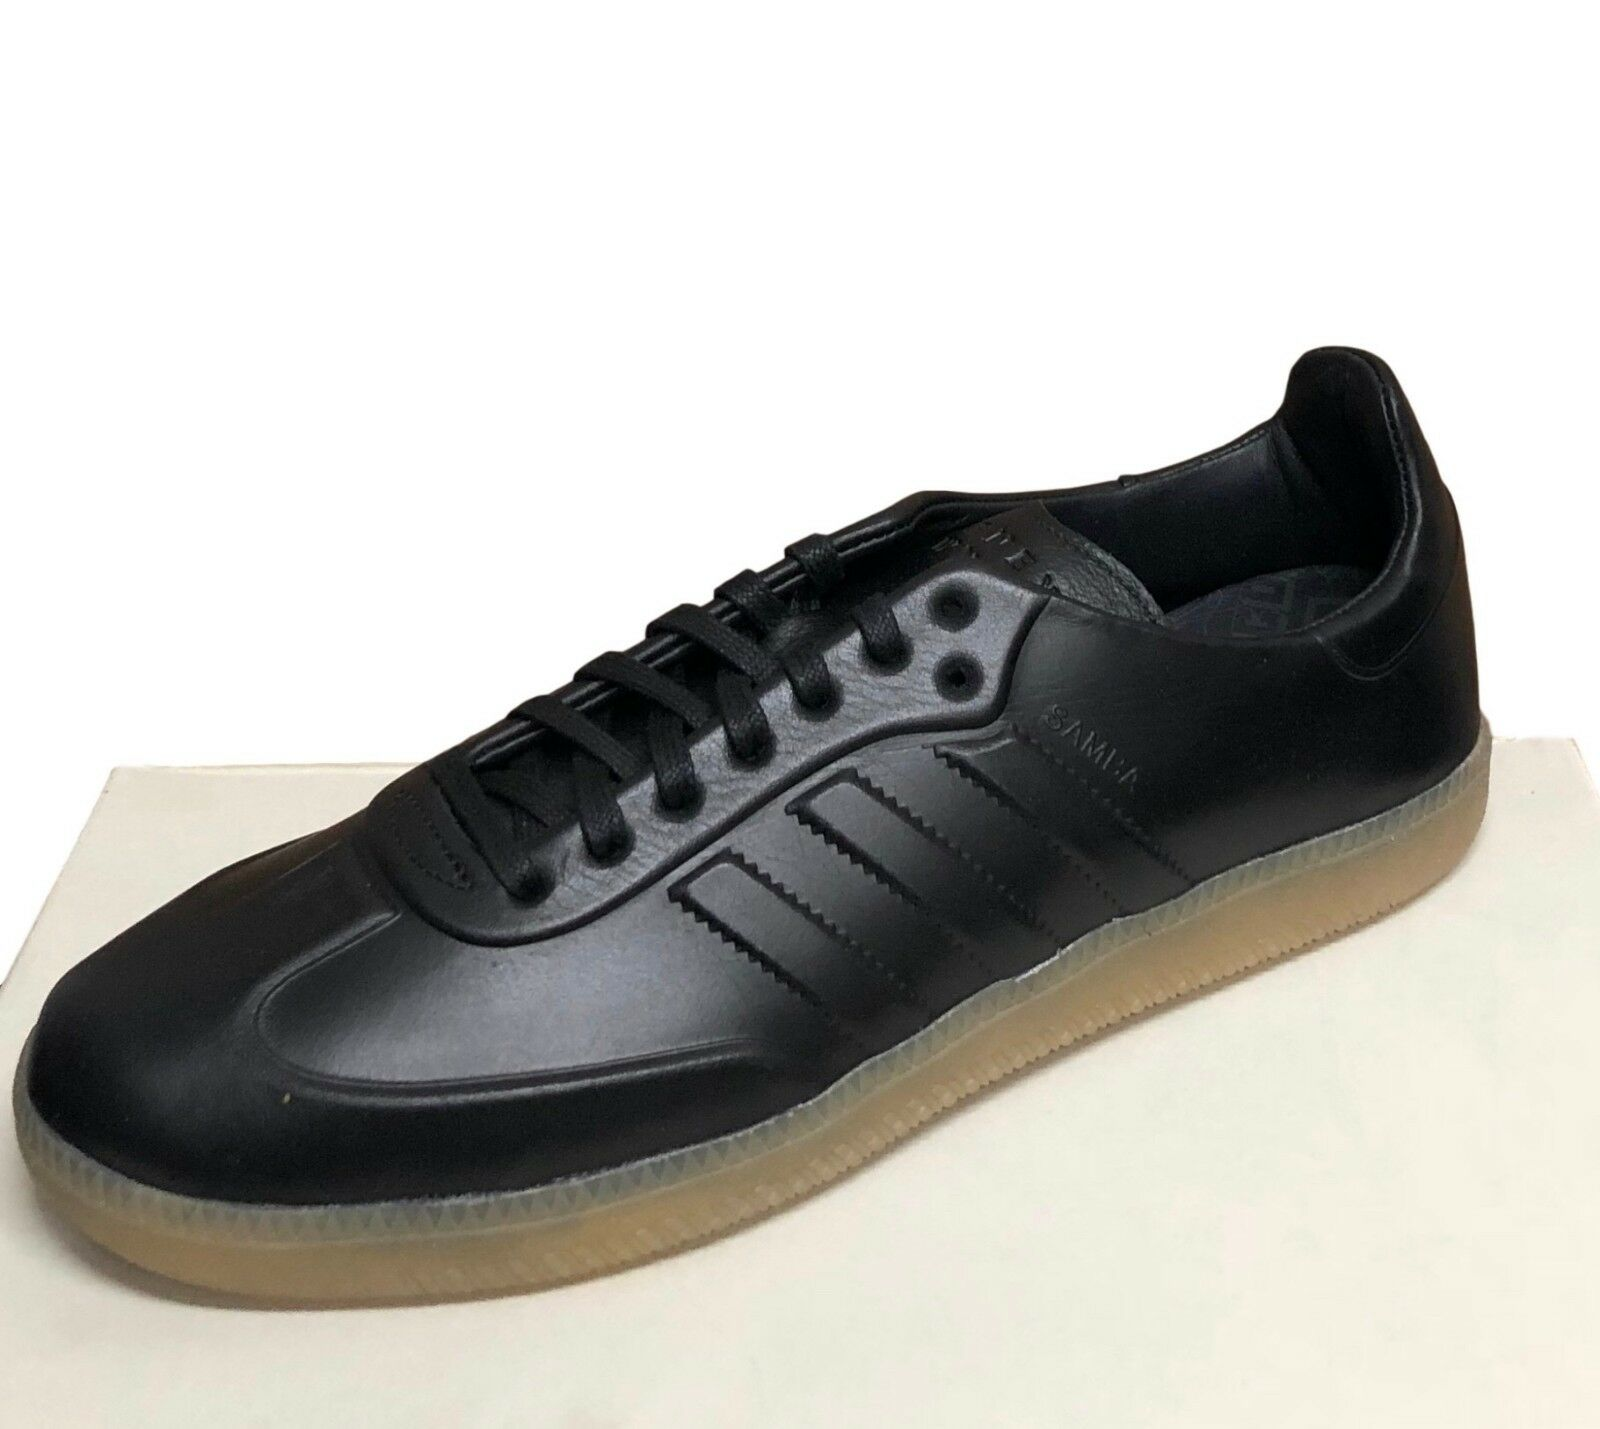 Adidas Originals X Barneys Nueva York Samba Decon Negro Nuevo Zapatillas CP9476